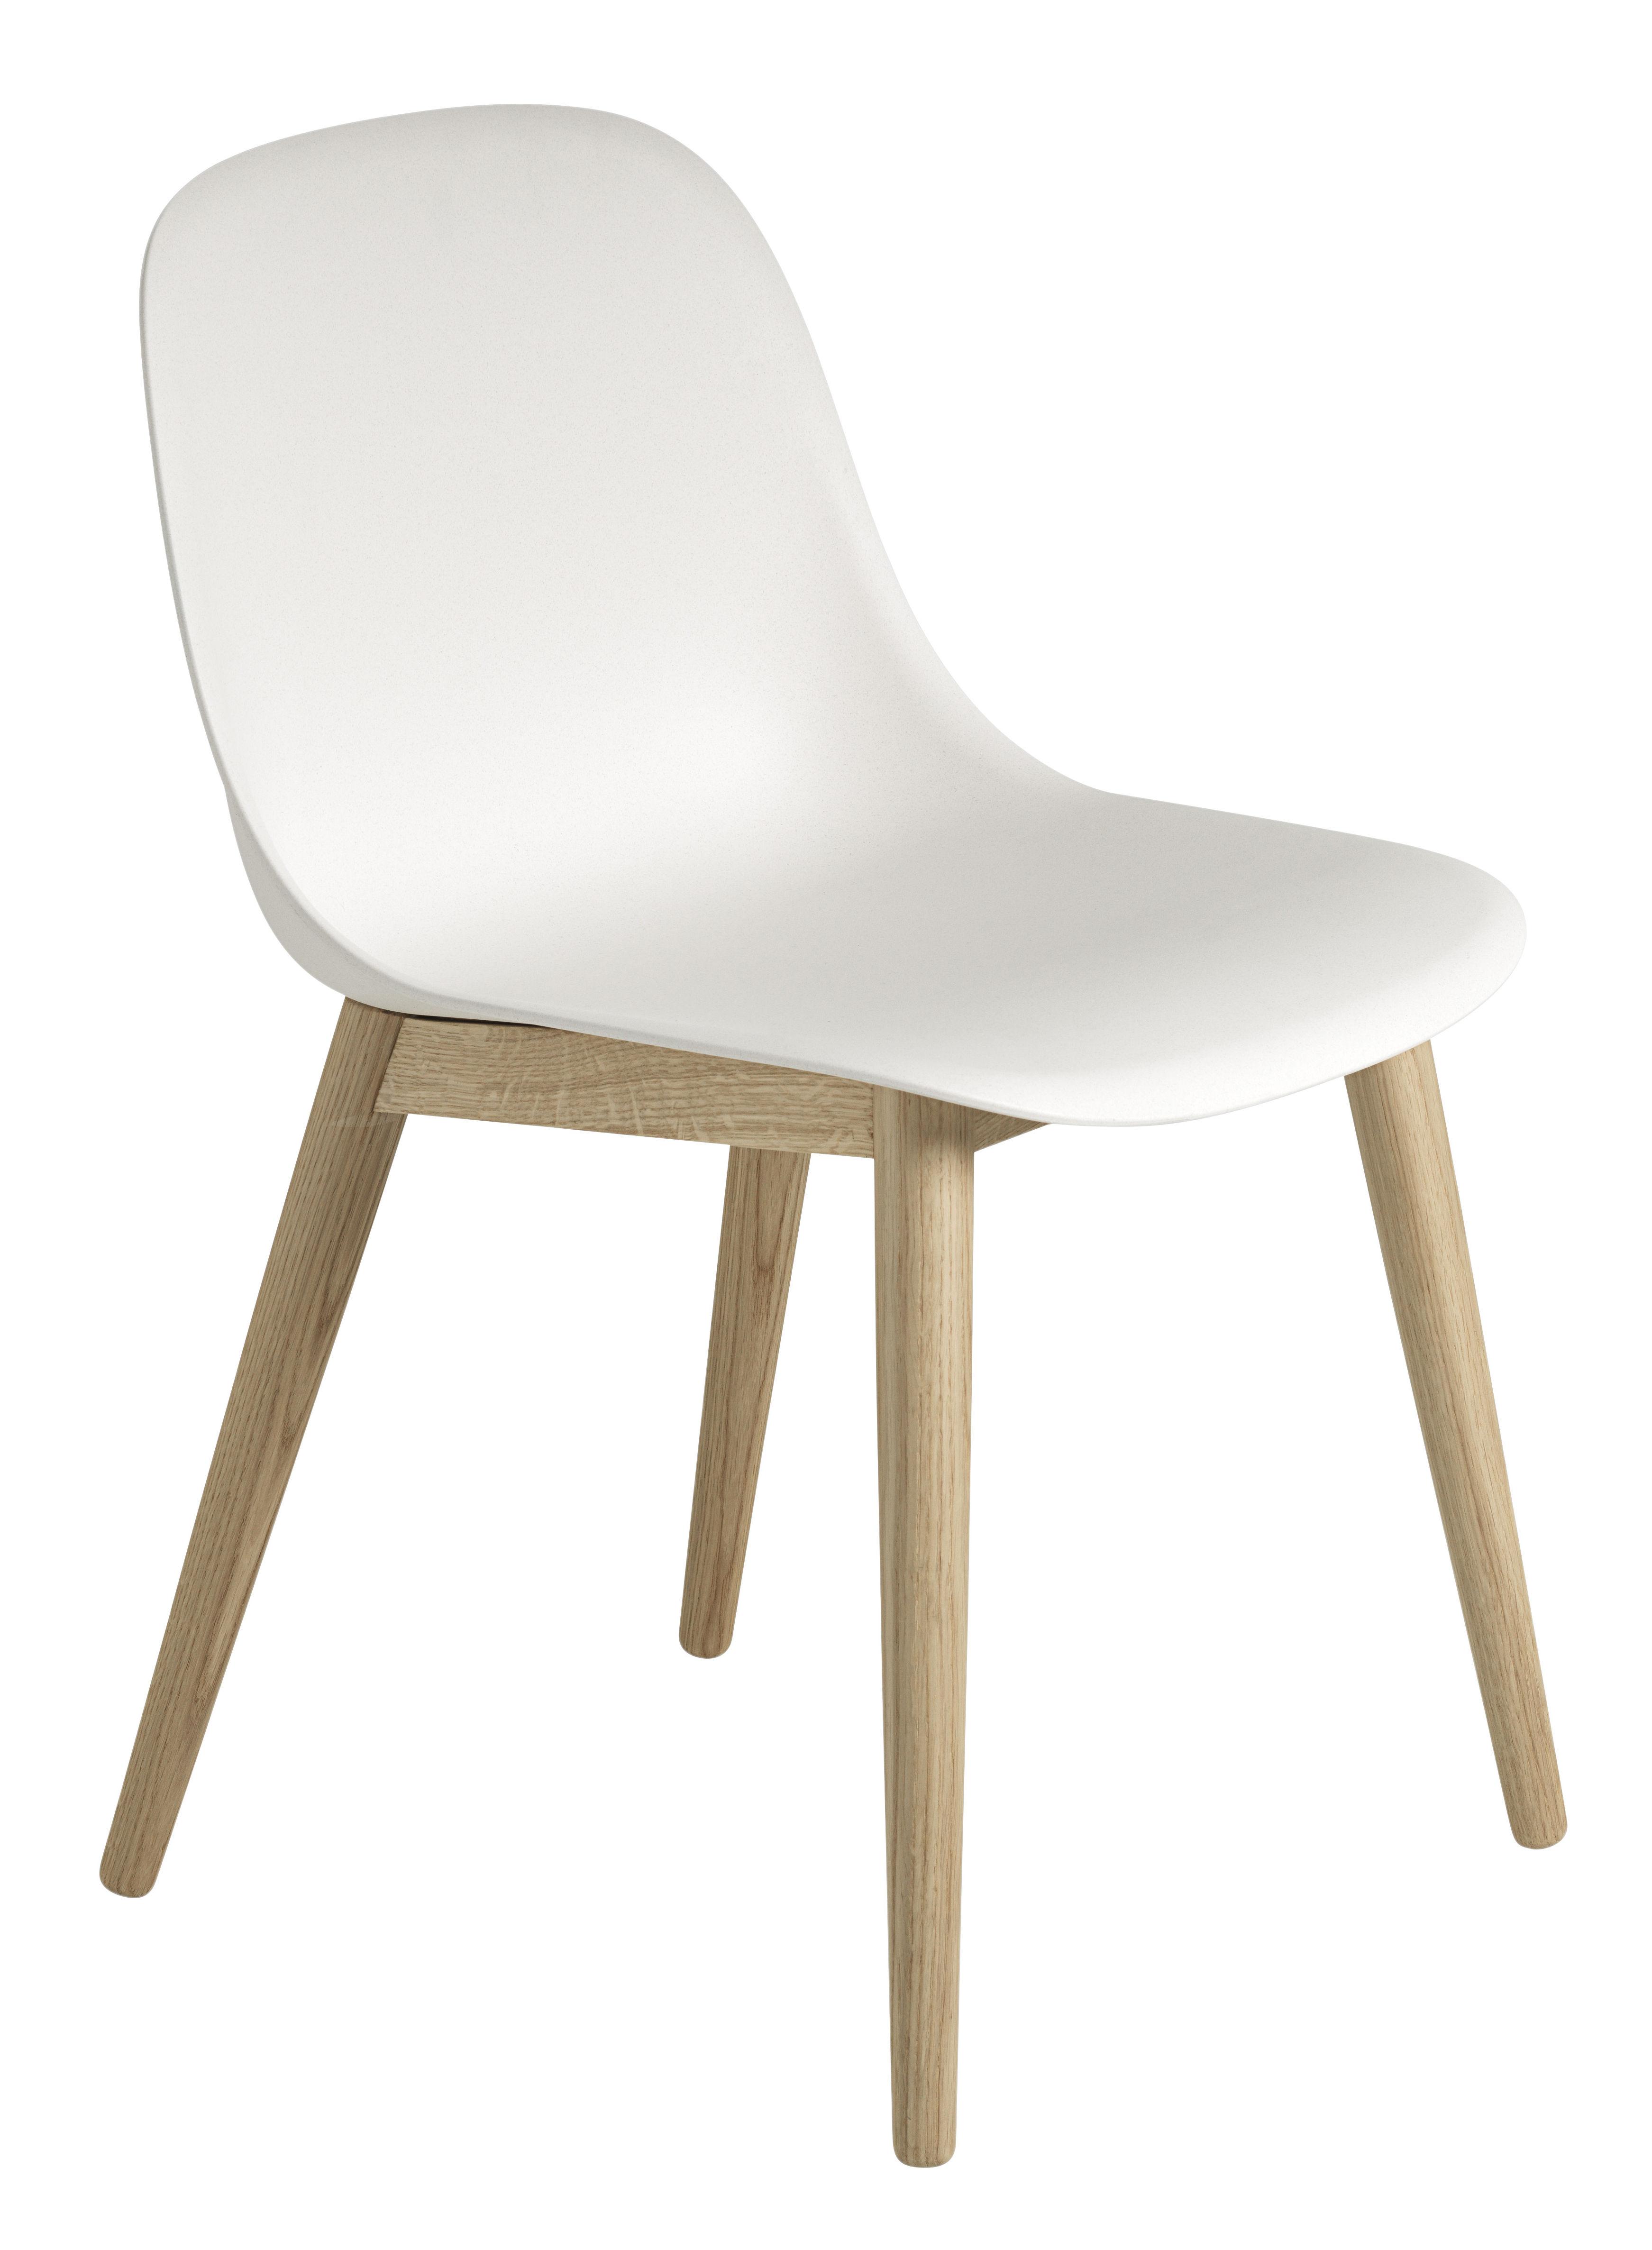 Mobilier - Chaises, fauteuils de salle à manger - Chaise Fiber / Pieds bois - Muuto - Blanc / Pieds bois naturel - Chêne, Matériau composite recyclé